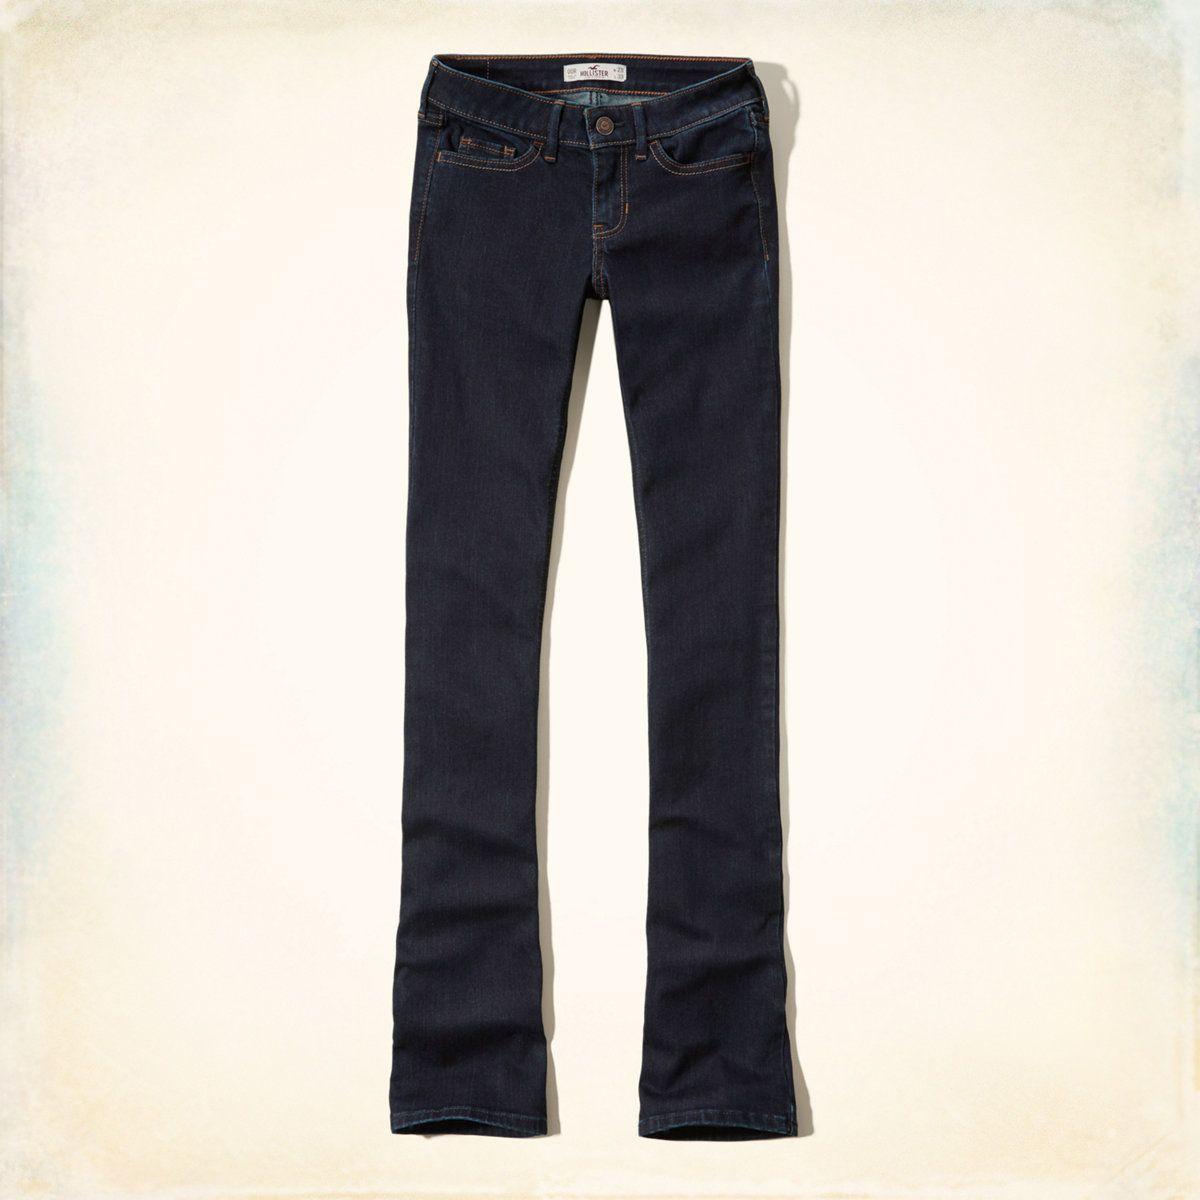 Girls Hollister Taylor Boot Jeans | Girls Jeans & Bottoms | HollisterCo.com